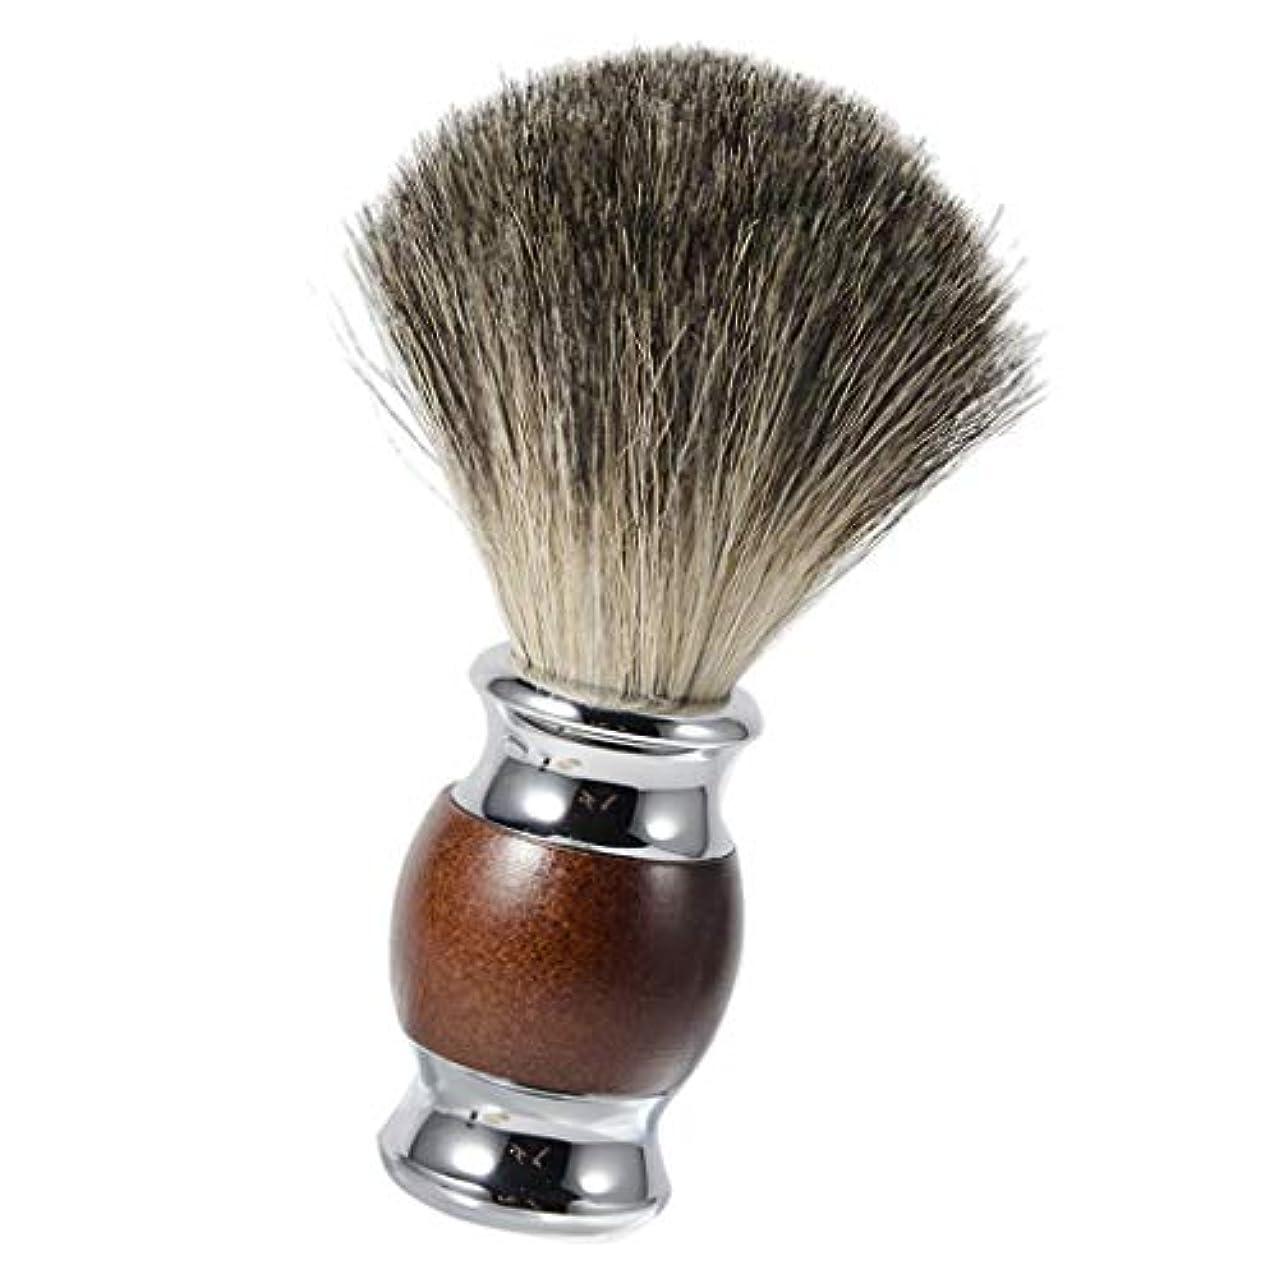 悪のサドル検索エンジン最適化chiwanji シェービング用ブラシ シェービングブラシ メンズ 理容 洗顔 髭剃り シェービング用アクセサリー